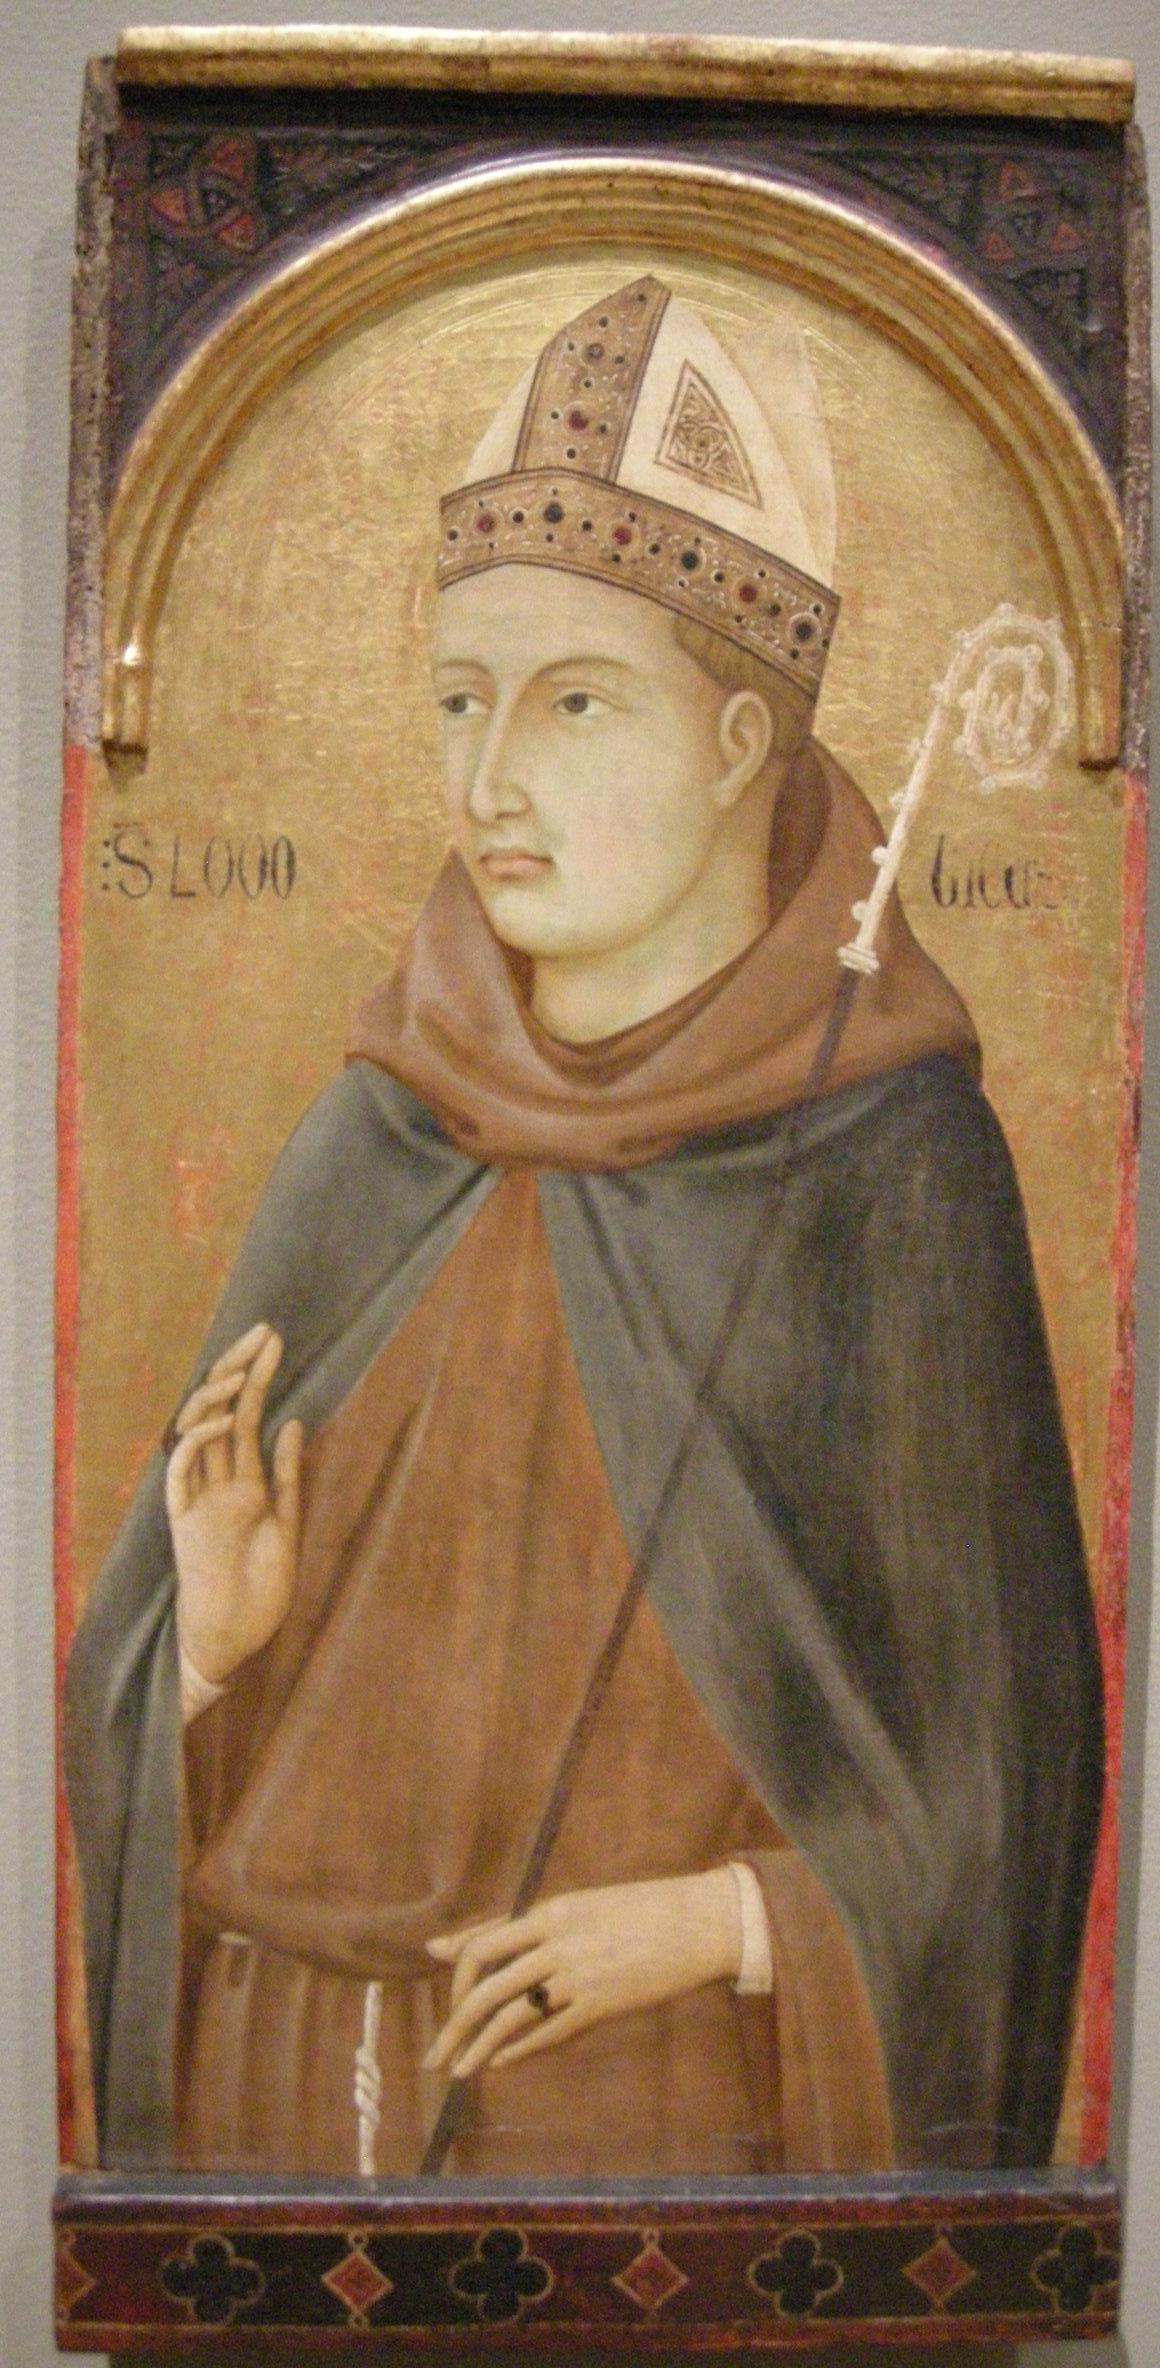 https://upload.wikimedia.org/wikipedia/commons/c/c7/Ugolino_di_nerio%2C_san_ludovico_di_tolosa%2C_1320_ca..JPG